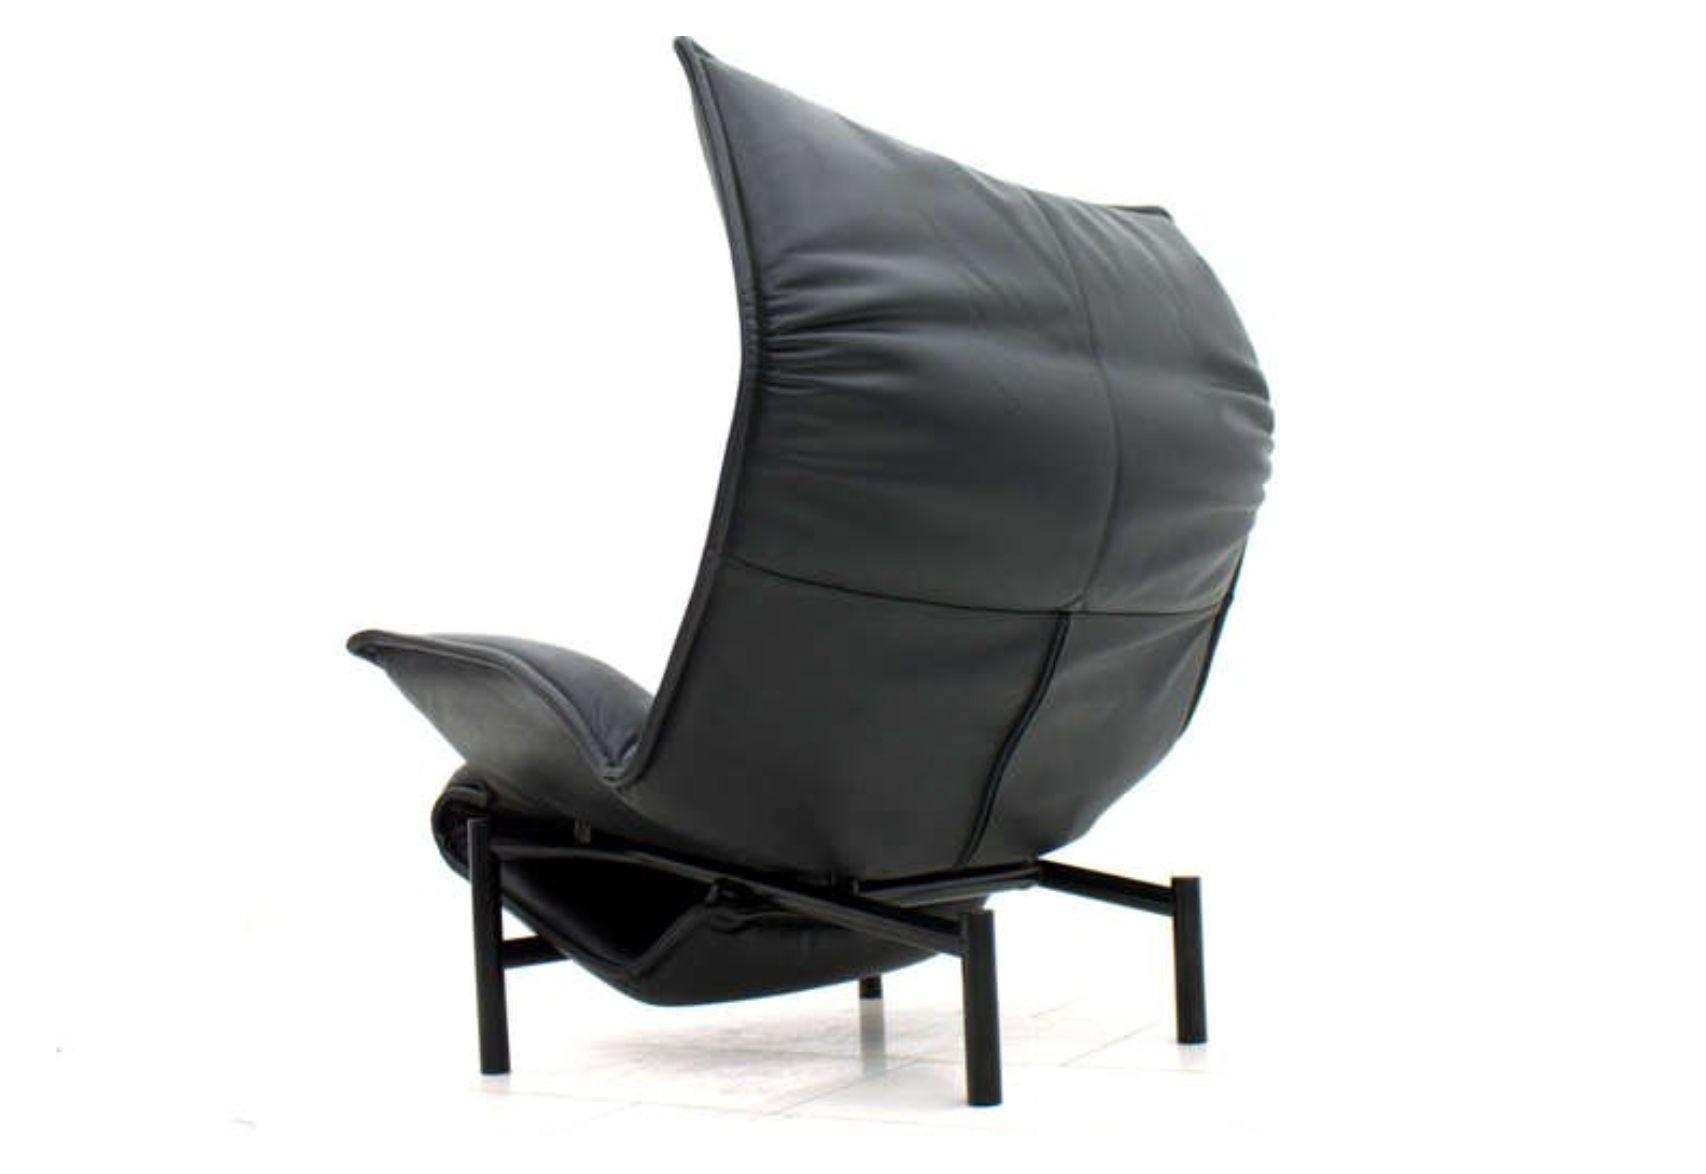 fauteuil veranda vintage en cuir par vico magistretti pour cassina italie 1985 en vente sur pamono. Black Bedroom Furniture Sets. Home Design Ideas